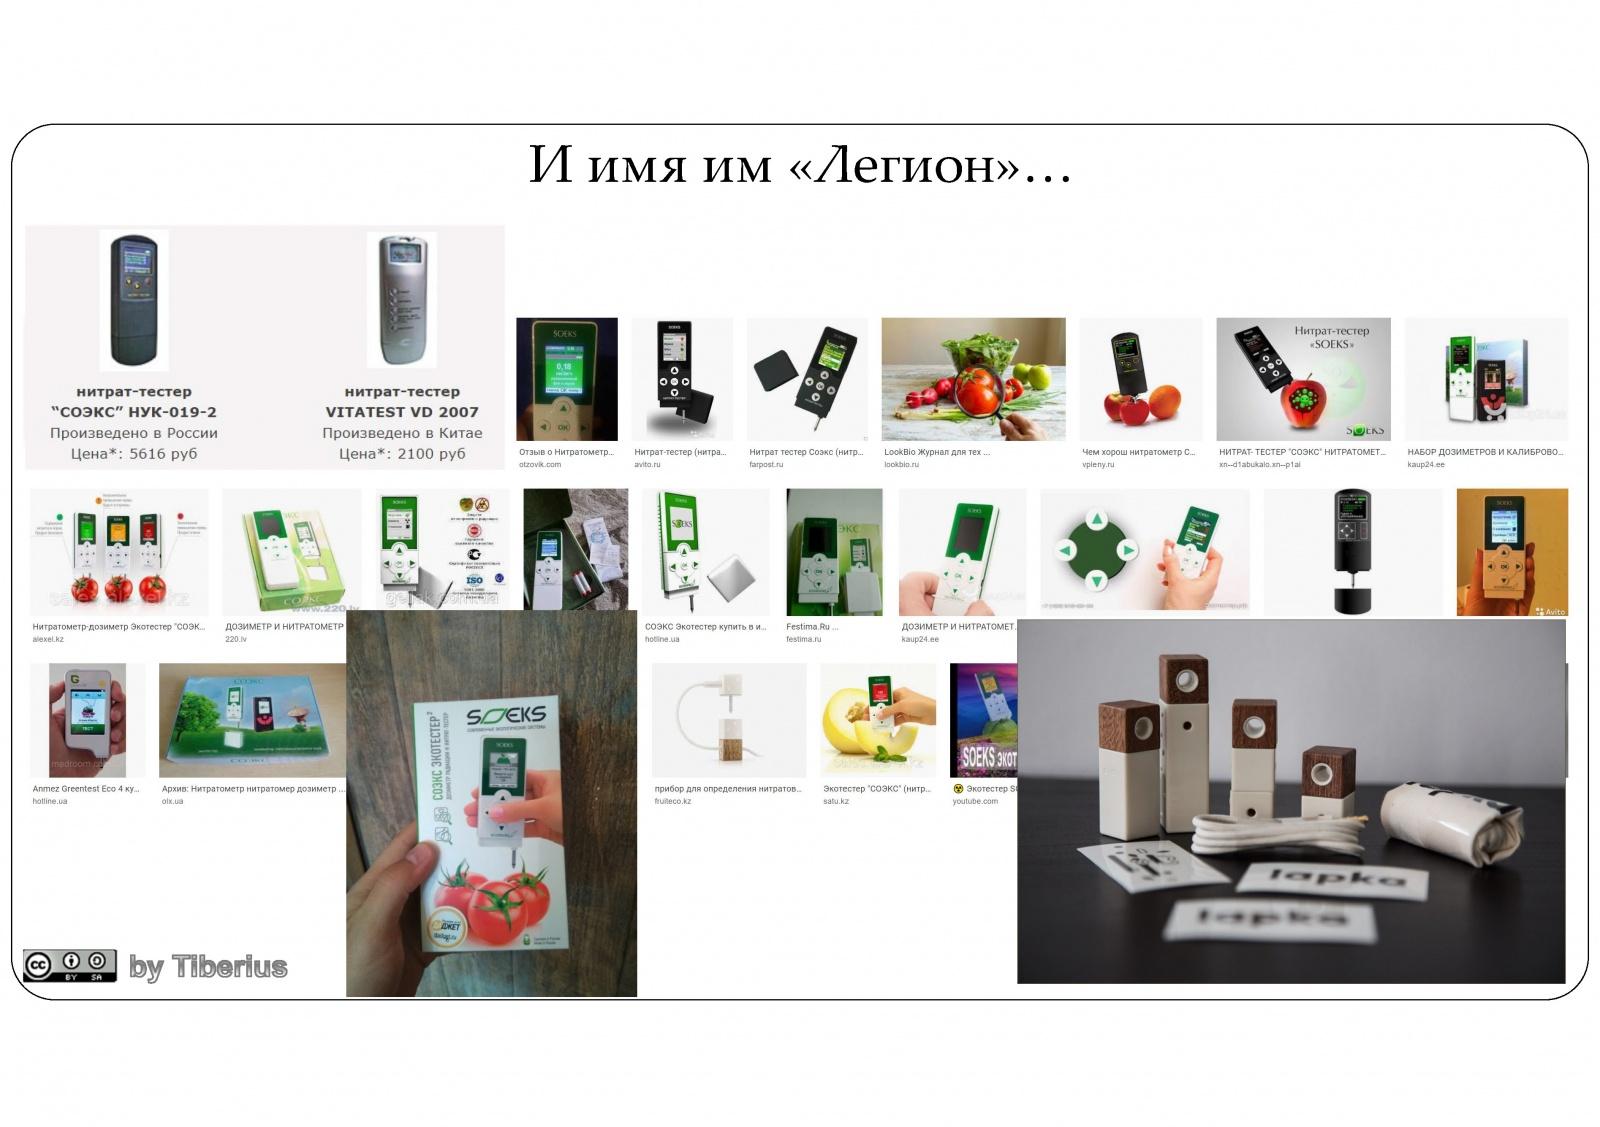 Нитраты в продуктах: магазины Швейцарии vs магазины России vs дача - 2